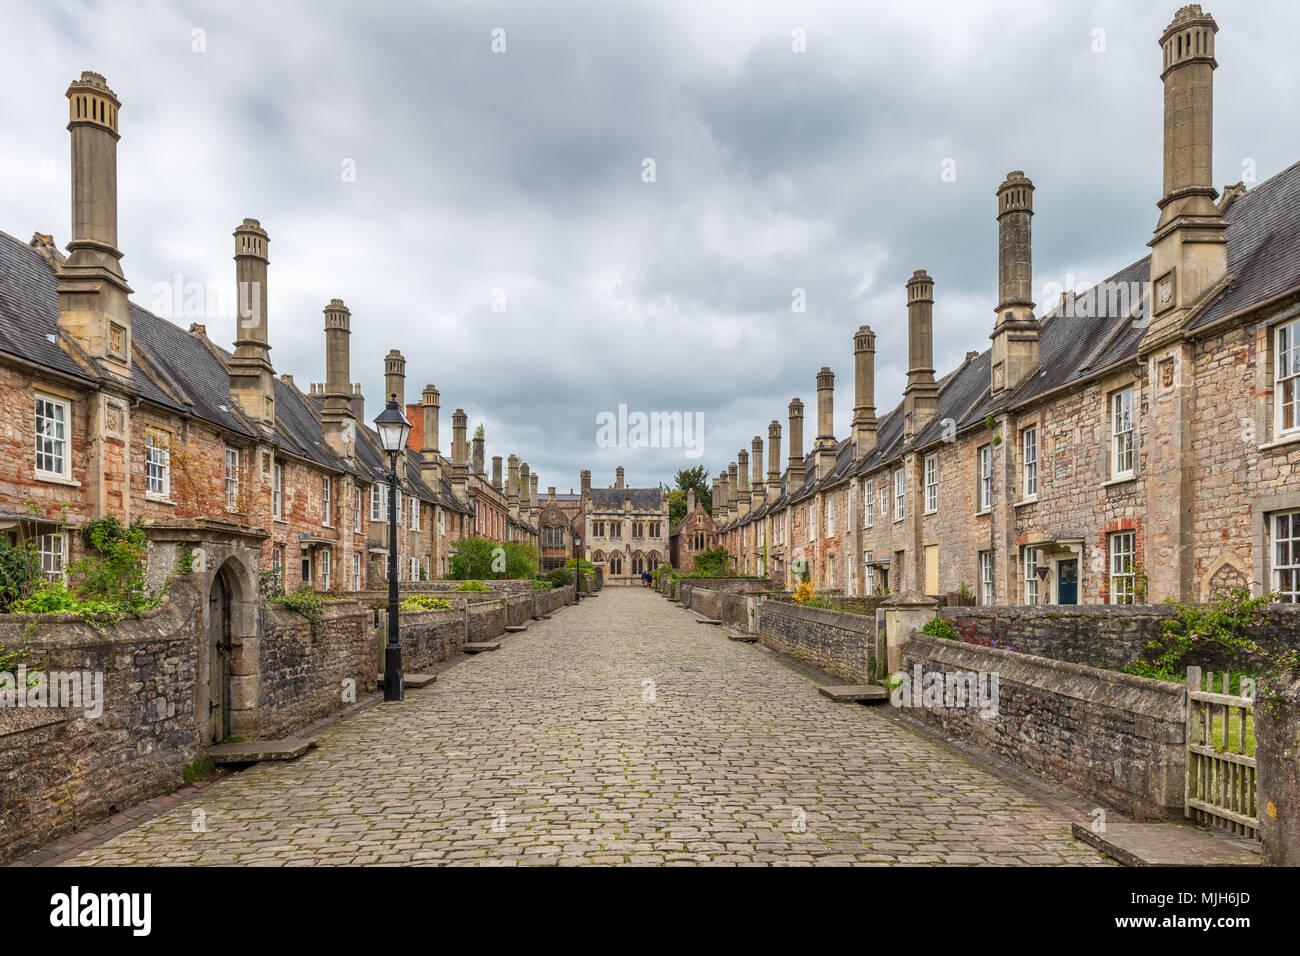 Près des vicaires dans Wells, Somerset vue en regardant vers les Vicaires' Hall est réputée être la plus ancienne rue résidentielle purement avec bâtiments d'origine Banque D'Images